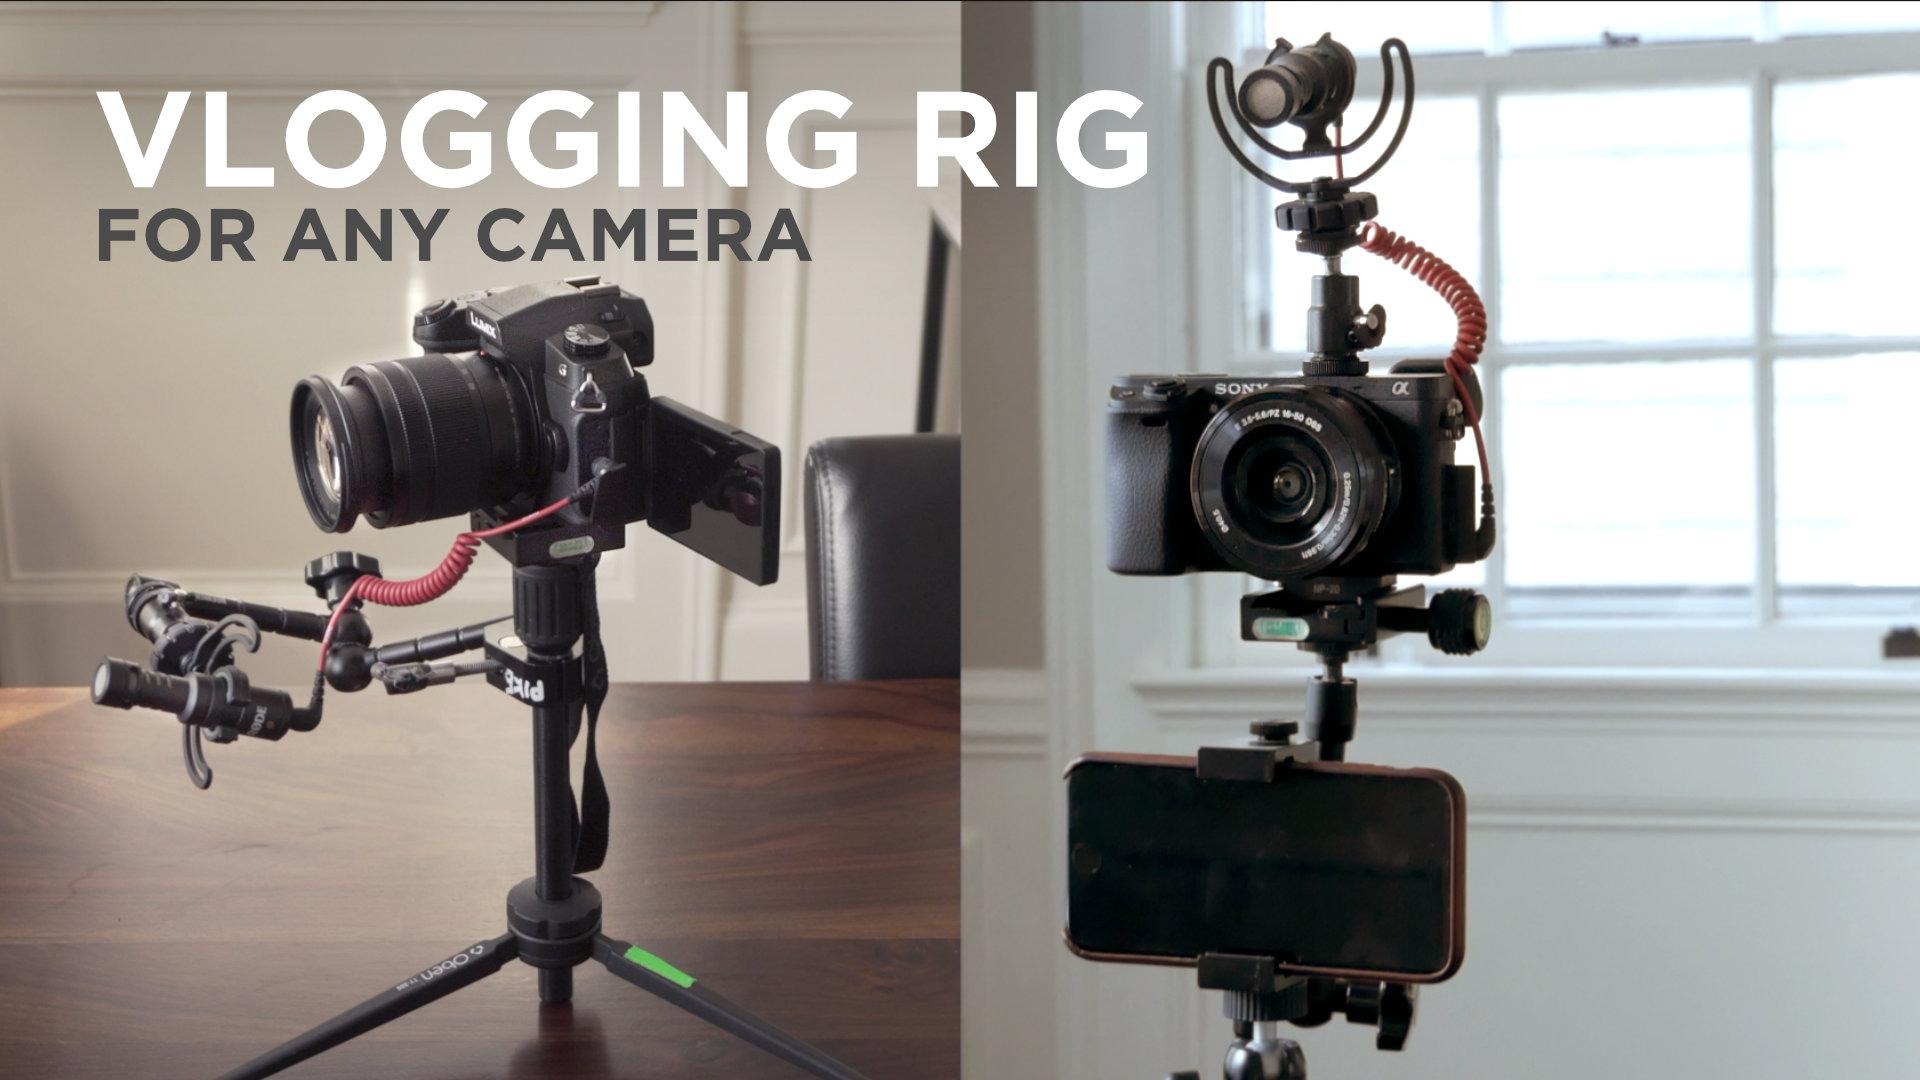 Custom Vlogging Rig for Any Camera!